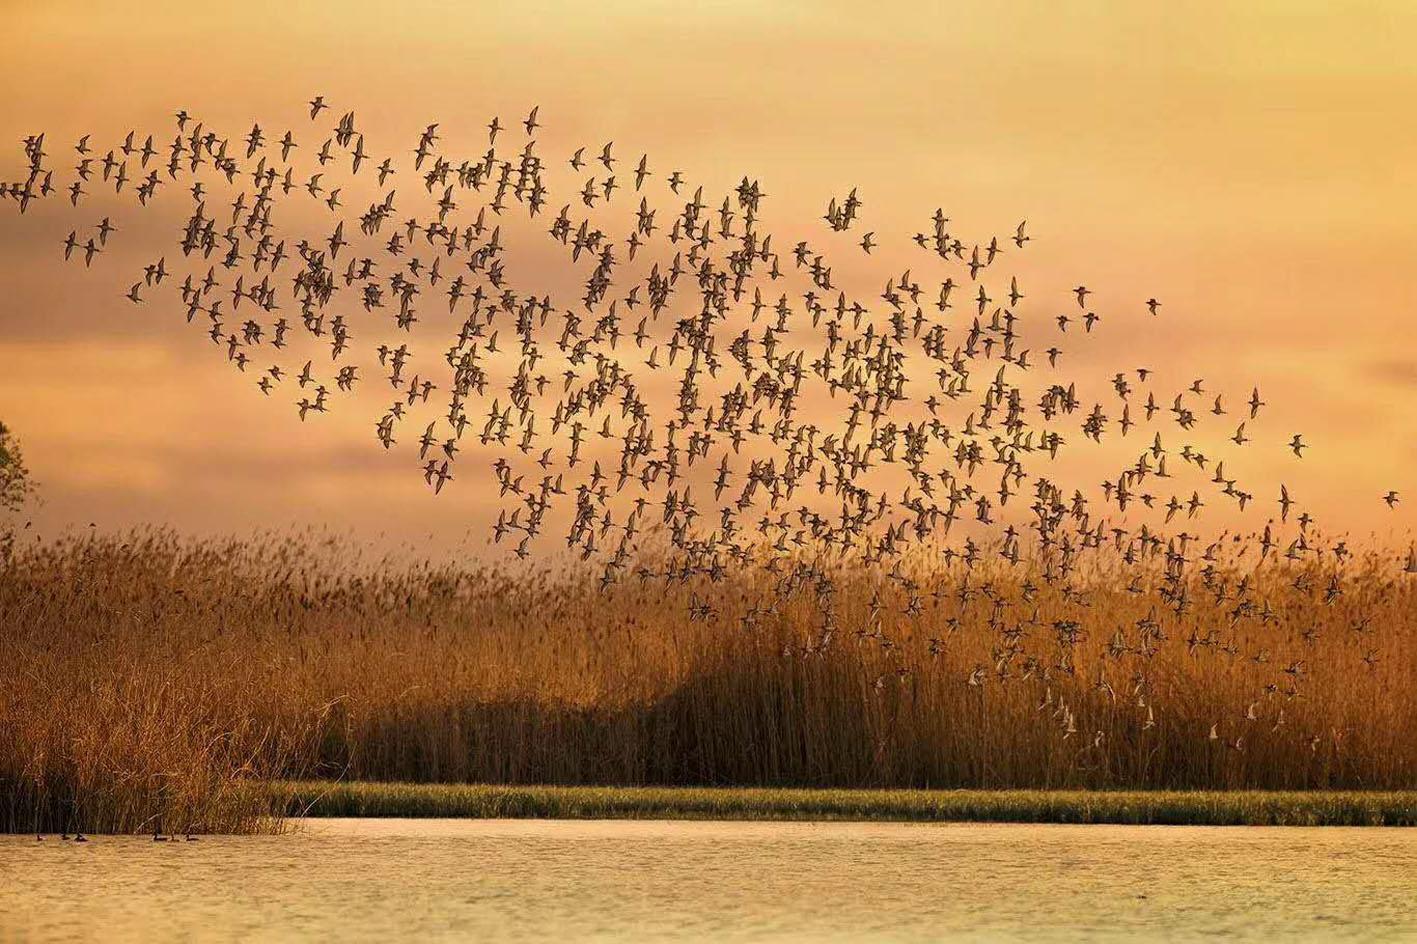 扬州鸟友高邮湖上拍鸟5年 记录神奇高邮湖